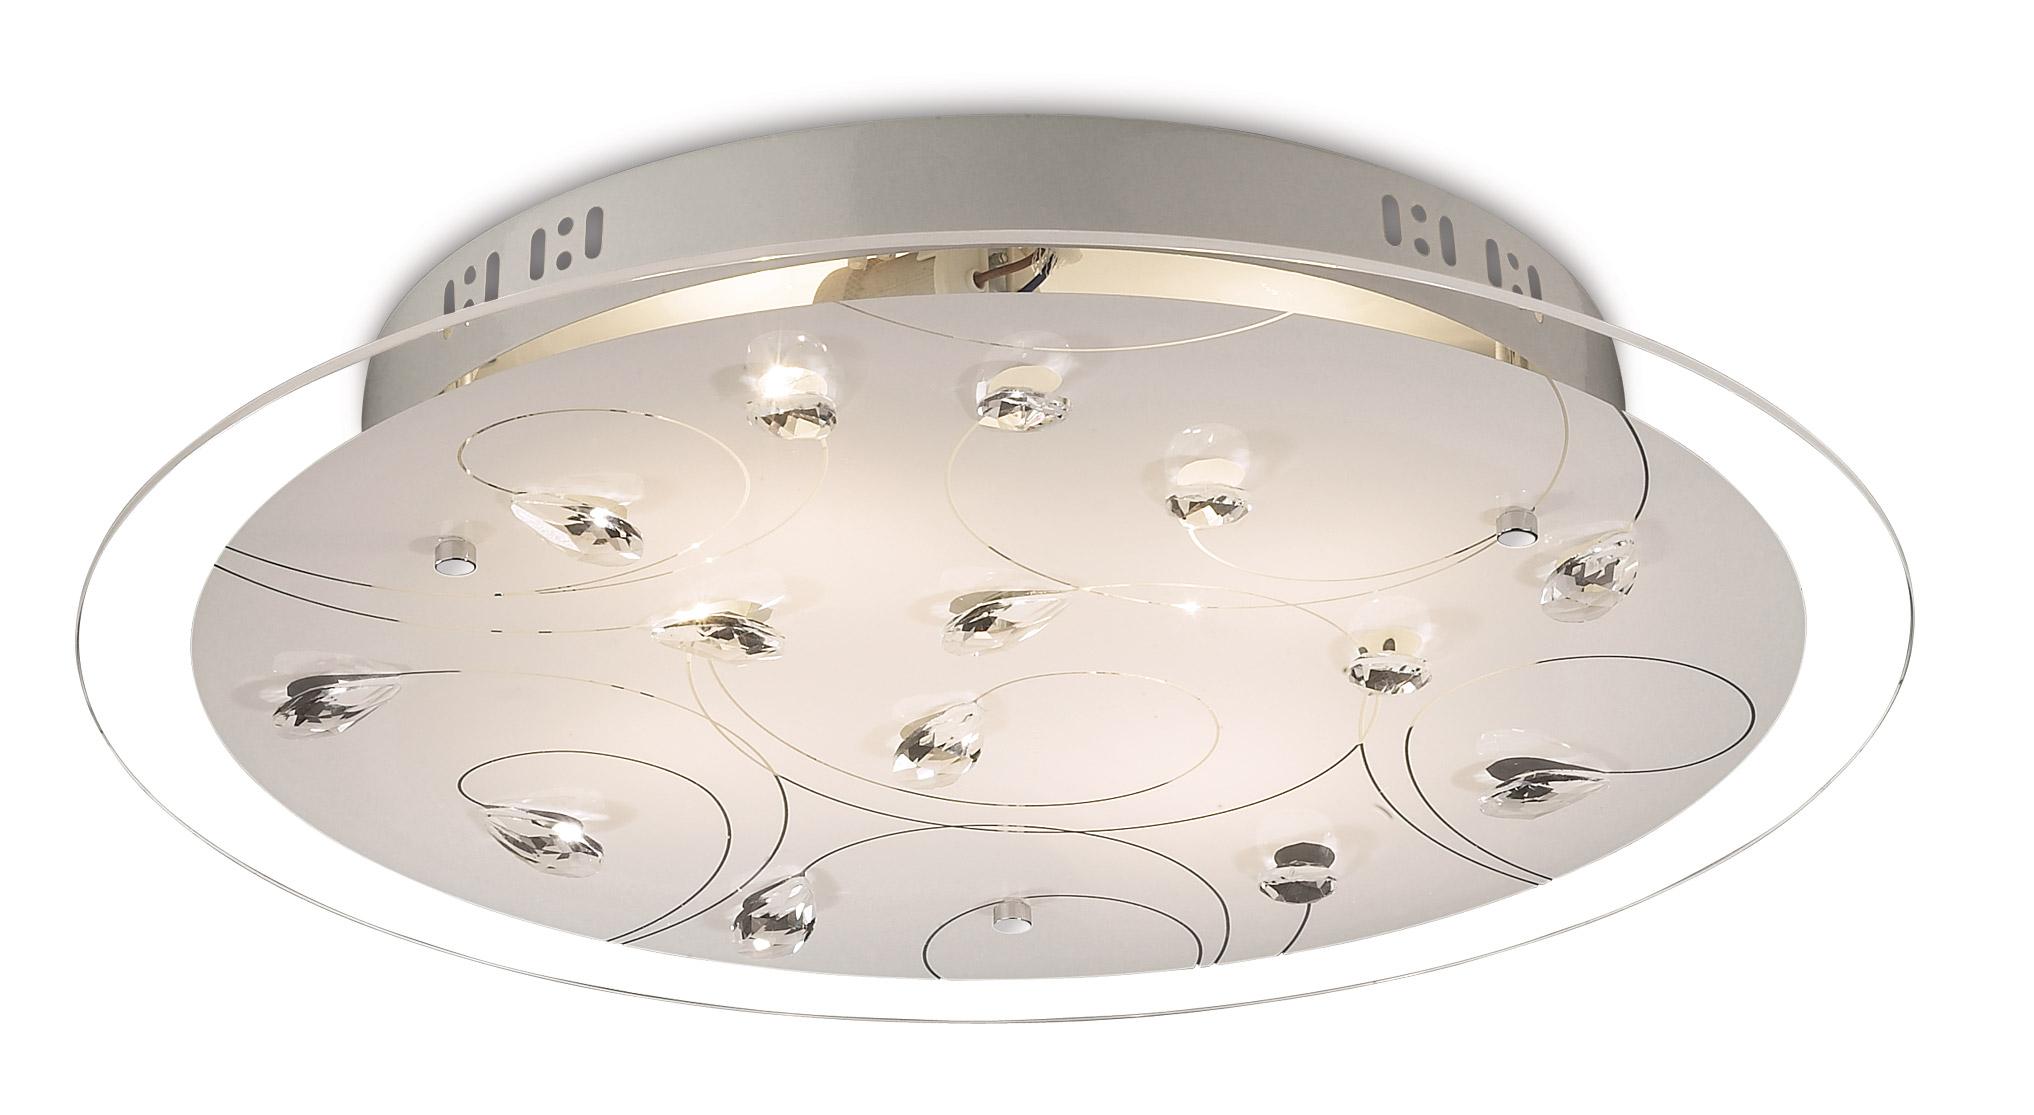 потолочный светильник сонекс 3227 fbr12 014 Светильник настенно-потолочный СОНЕКС 3233